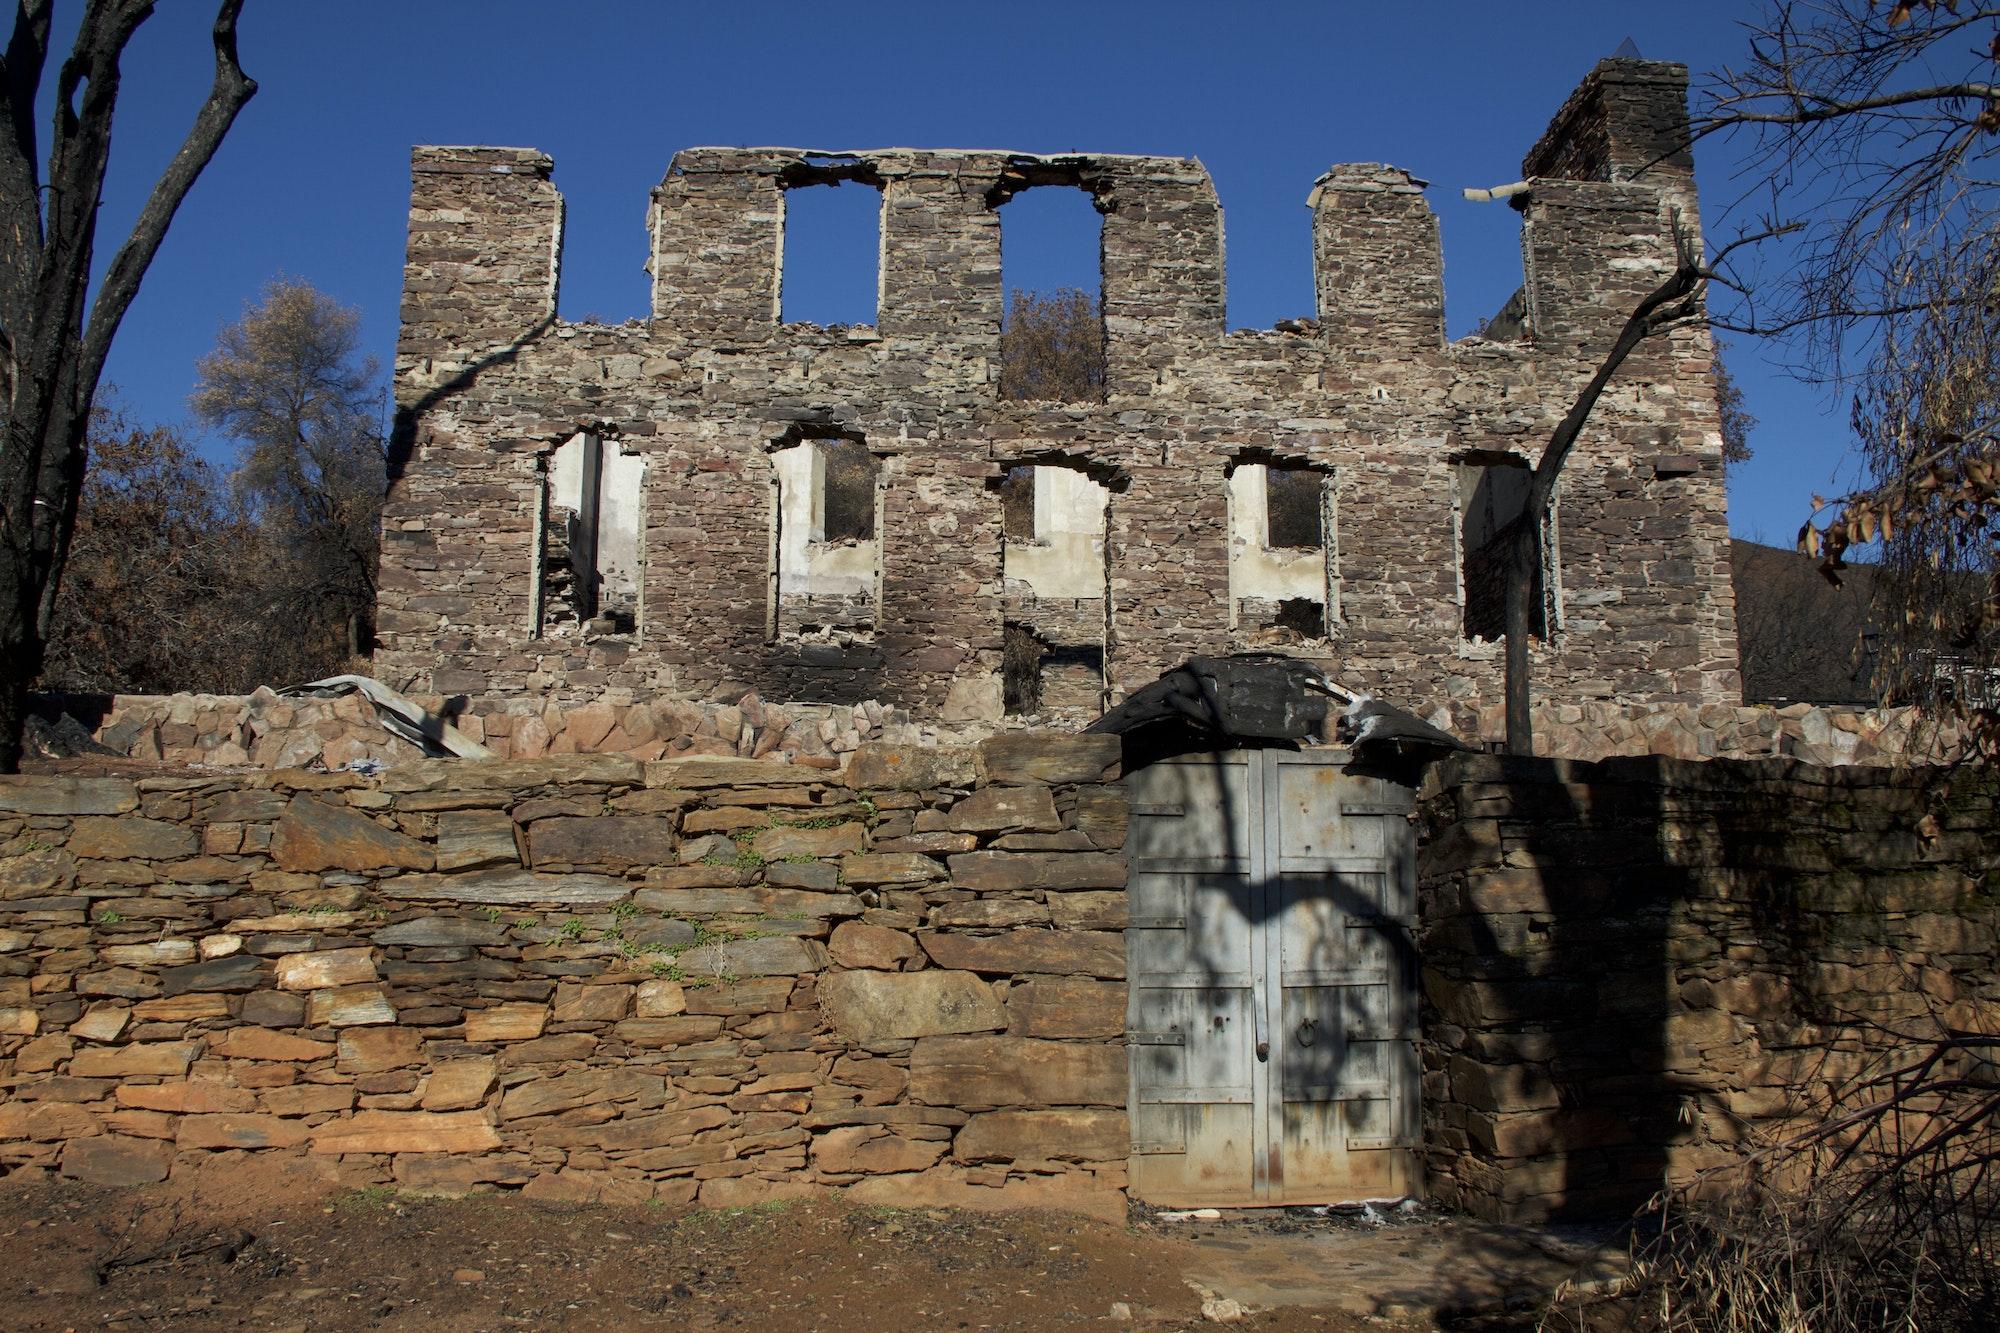 May contain: ruins